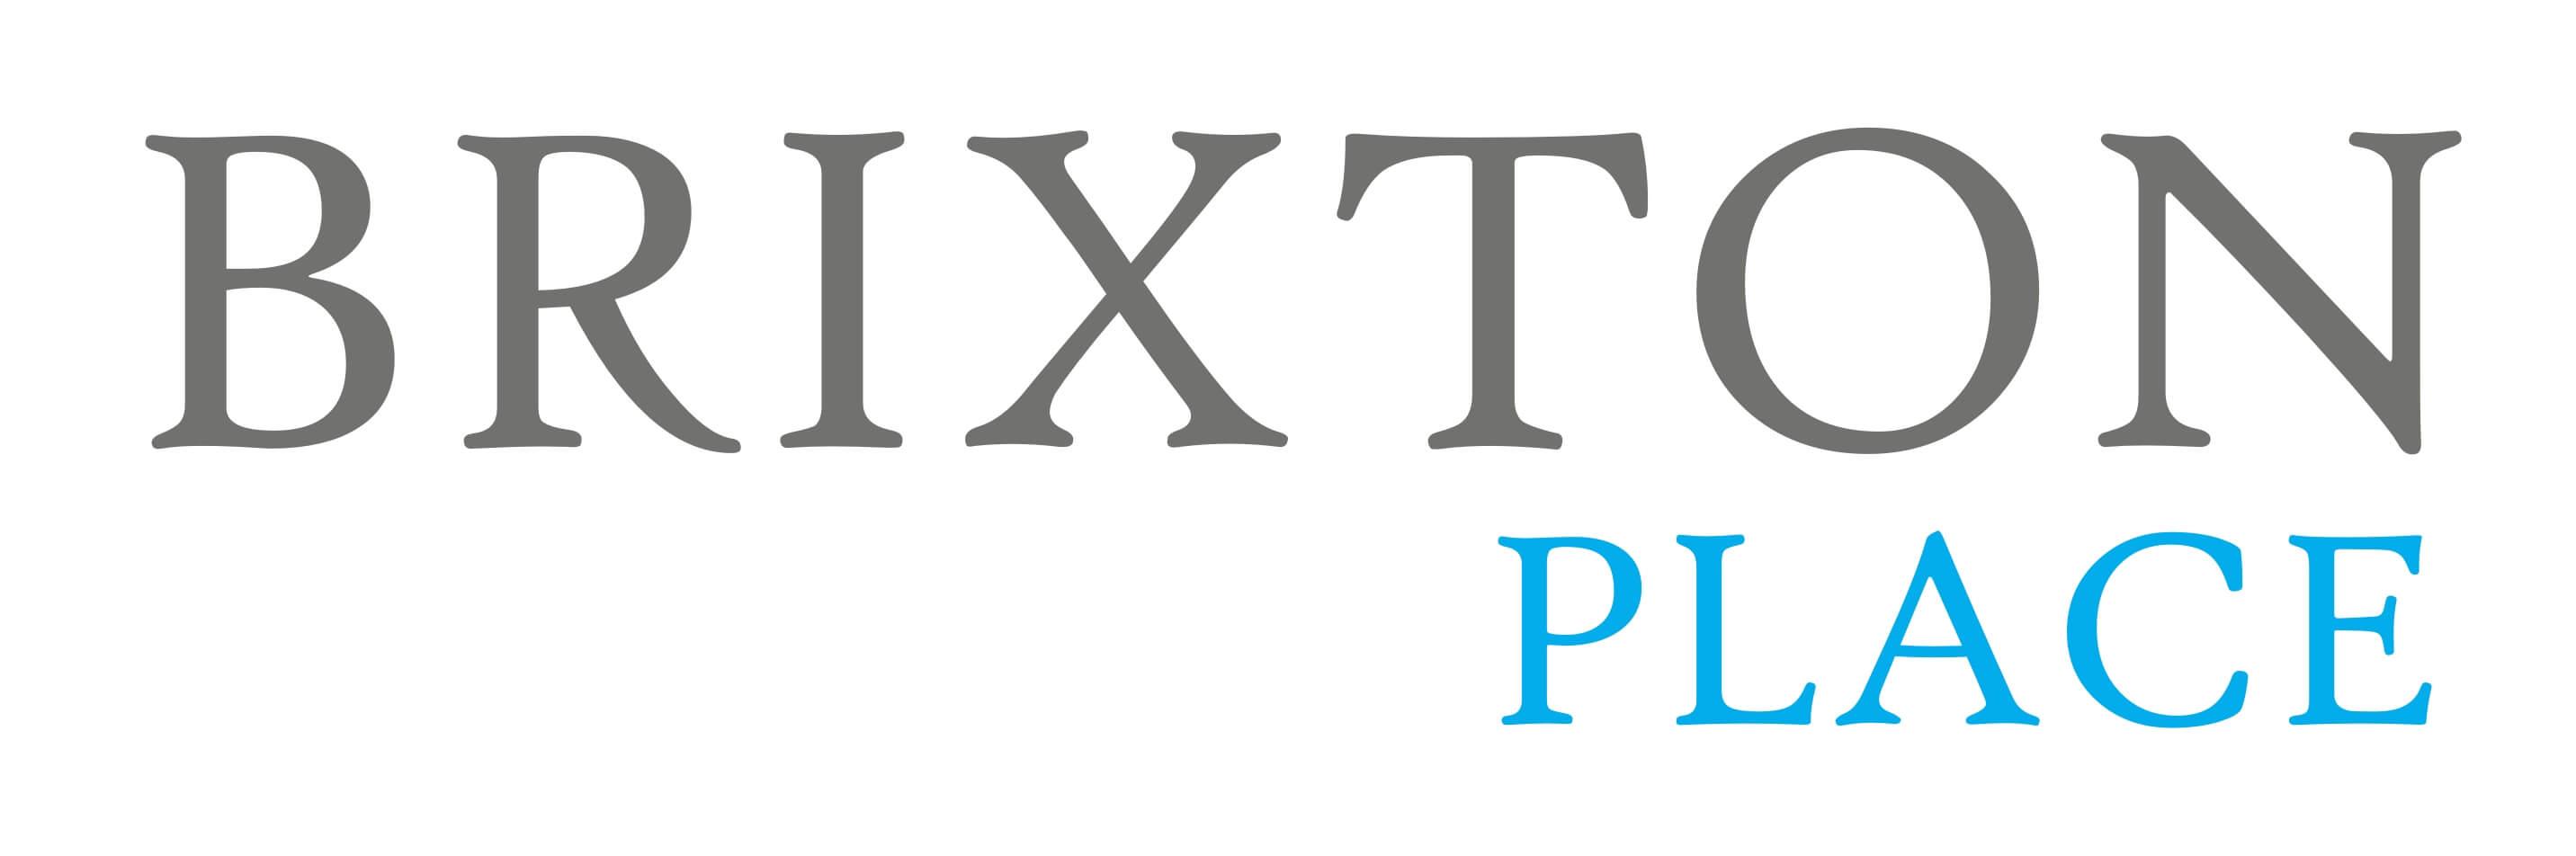 brixton place DMCI Logo